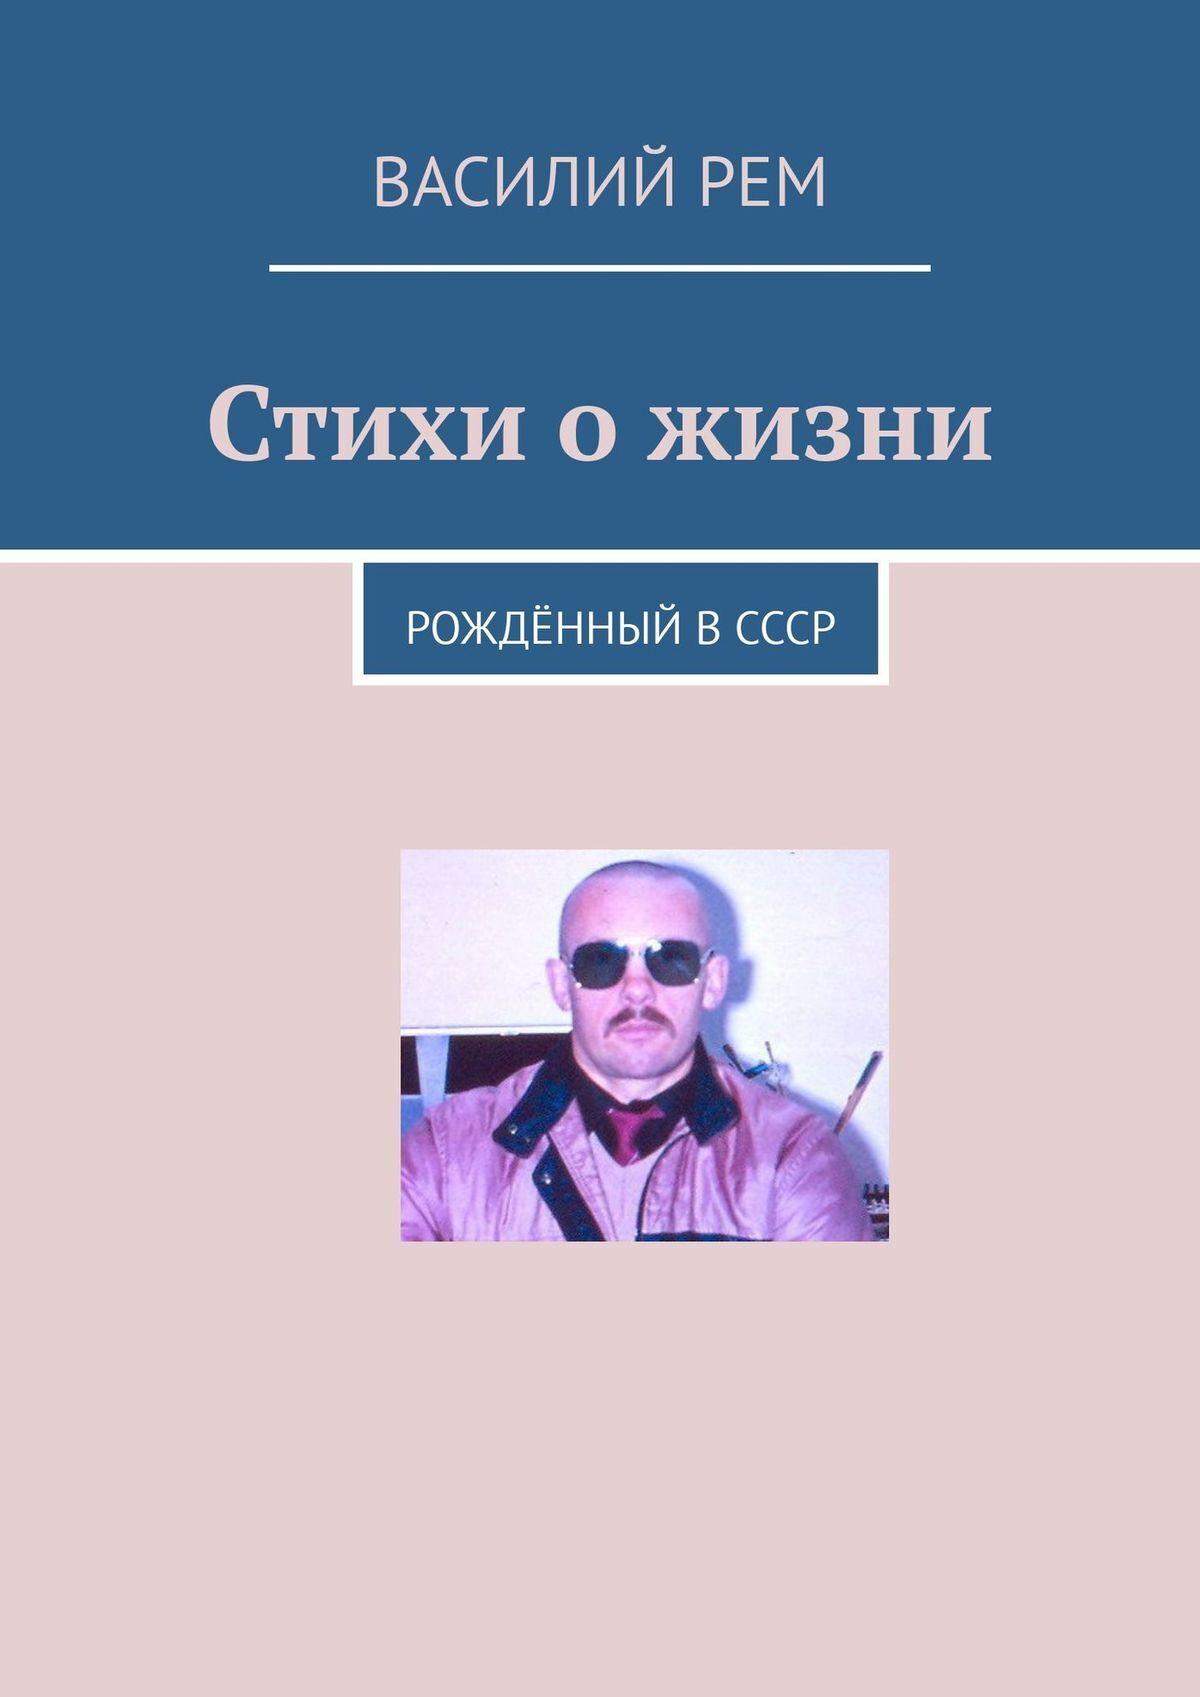 Василий Рем Стихи ожизни. Рождённый вСССР